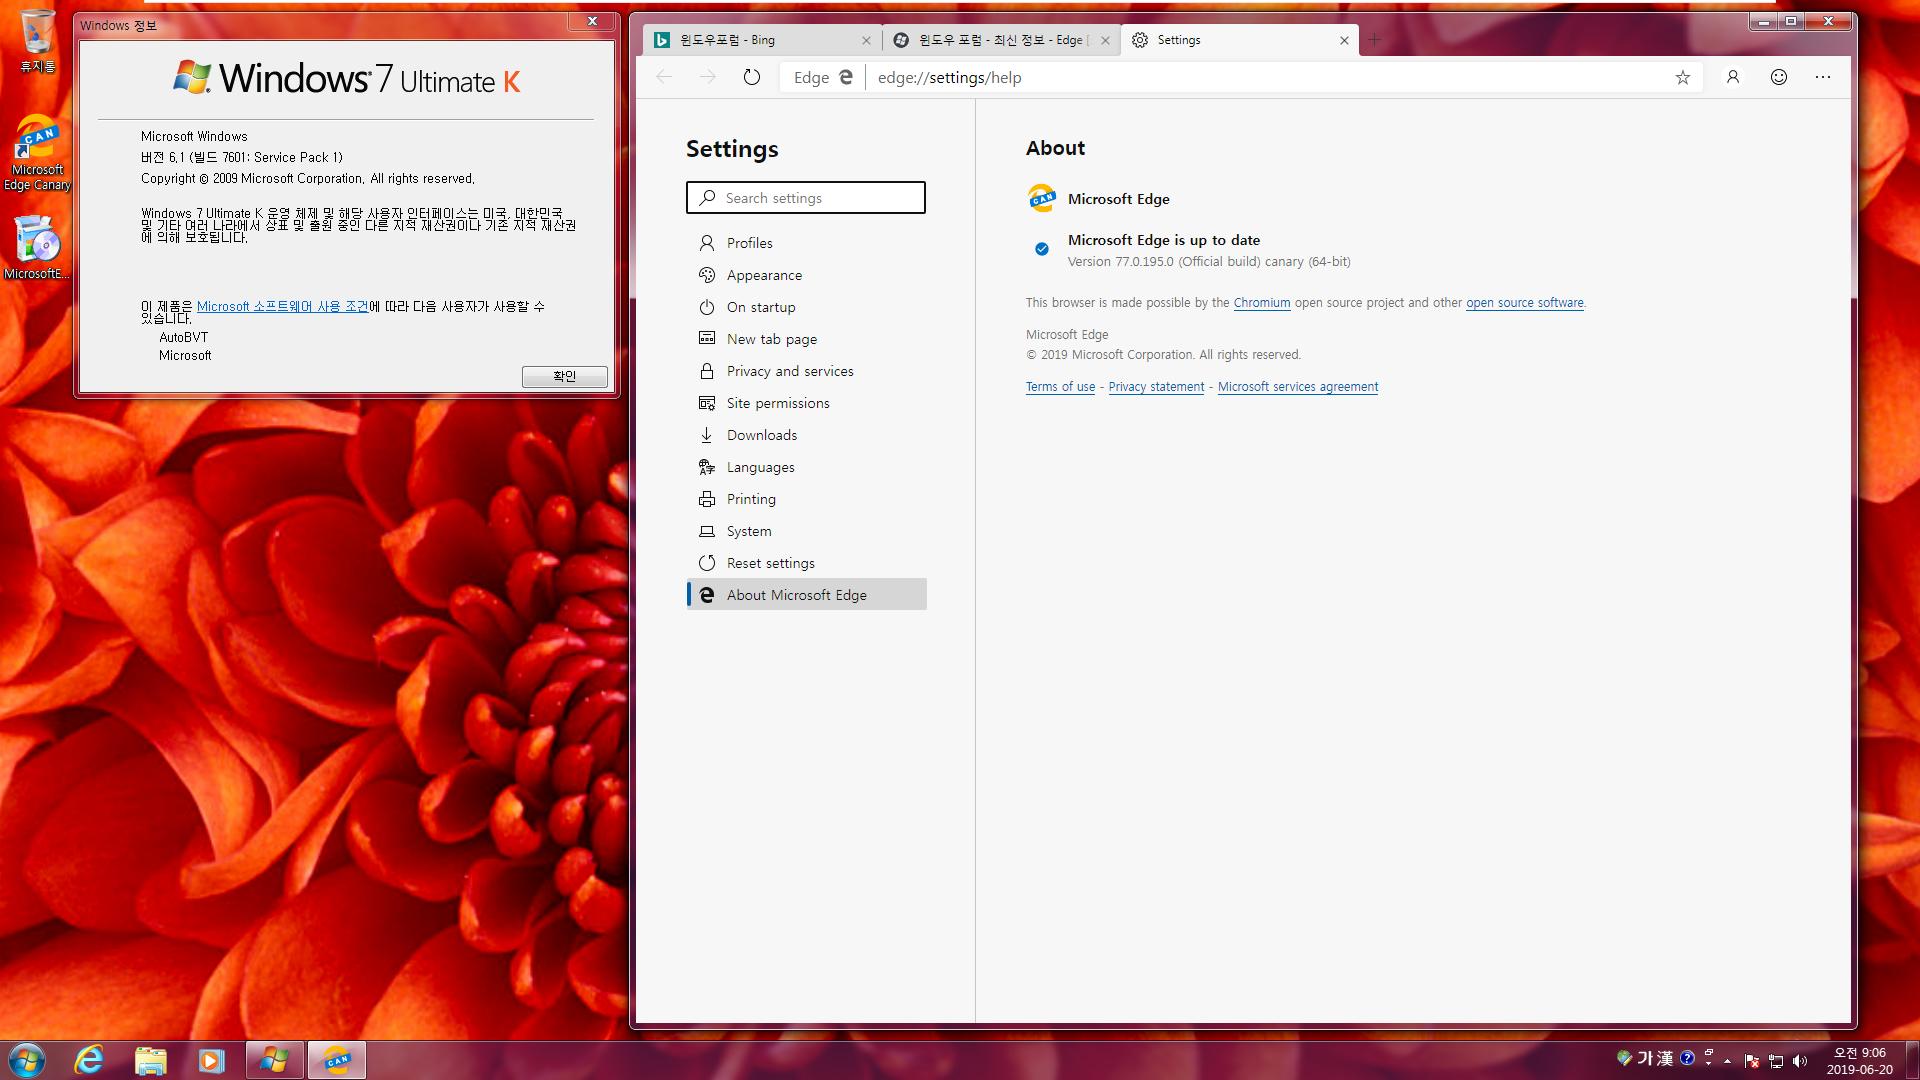 크로미엄 기반 엣지 - 윈도7 윈도8 윈도8.1용 카나리아 채널로 나왔네요 - 윈도7 에 버전 77.0.195.0 (Official build) canary (64-bit) 설치해봤습니다 2019-06-20_090650.png